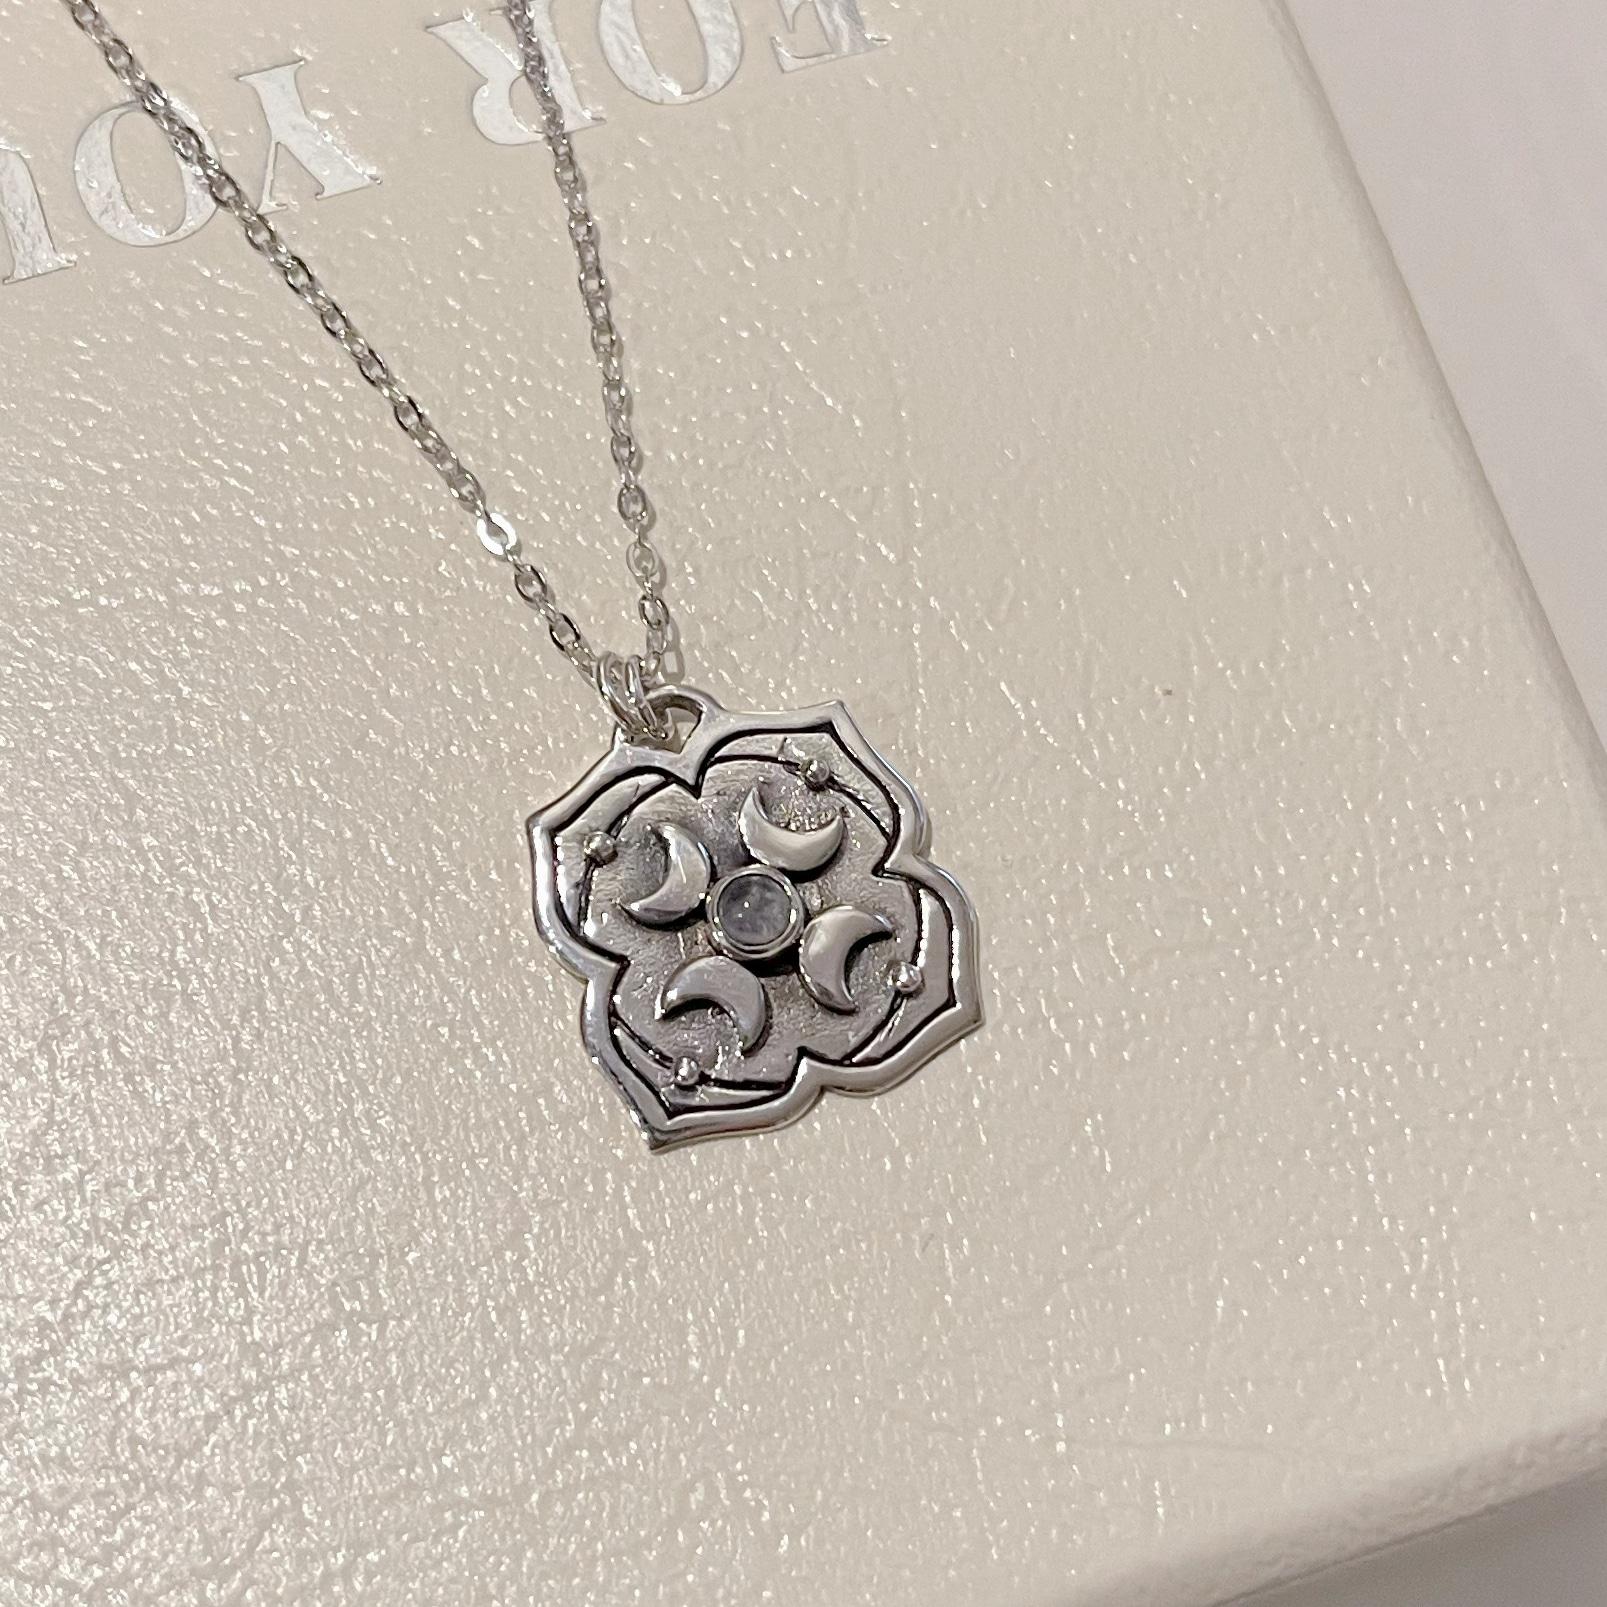 selene-rainbow-moonstone-silver-necklace-by-AshleyChloe